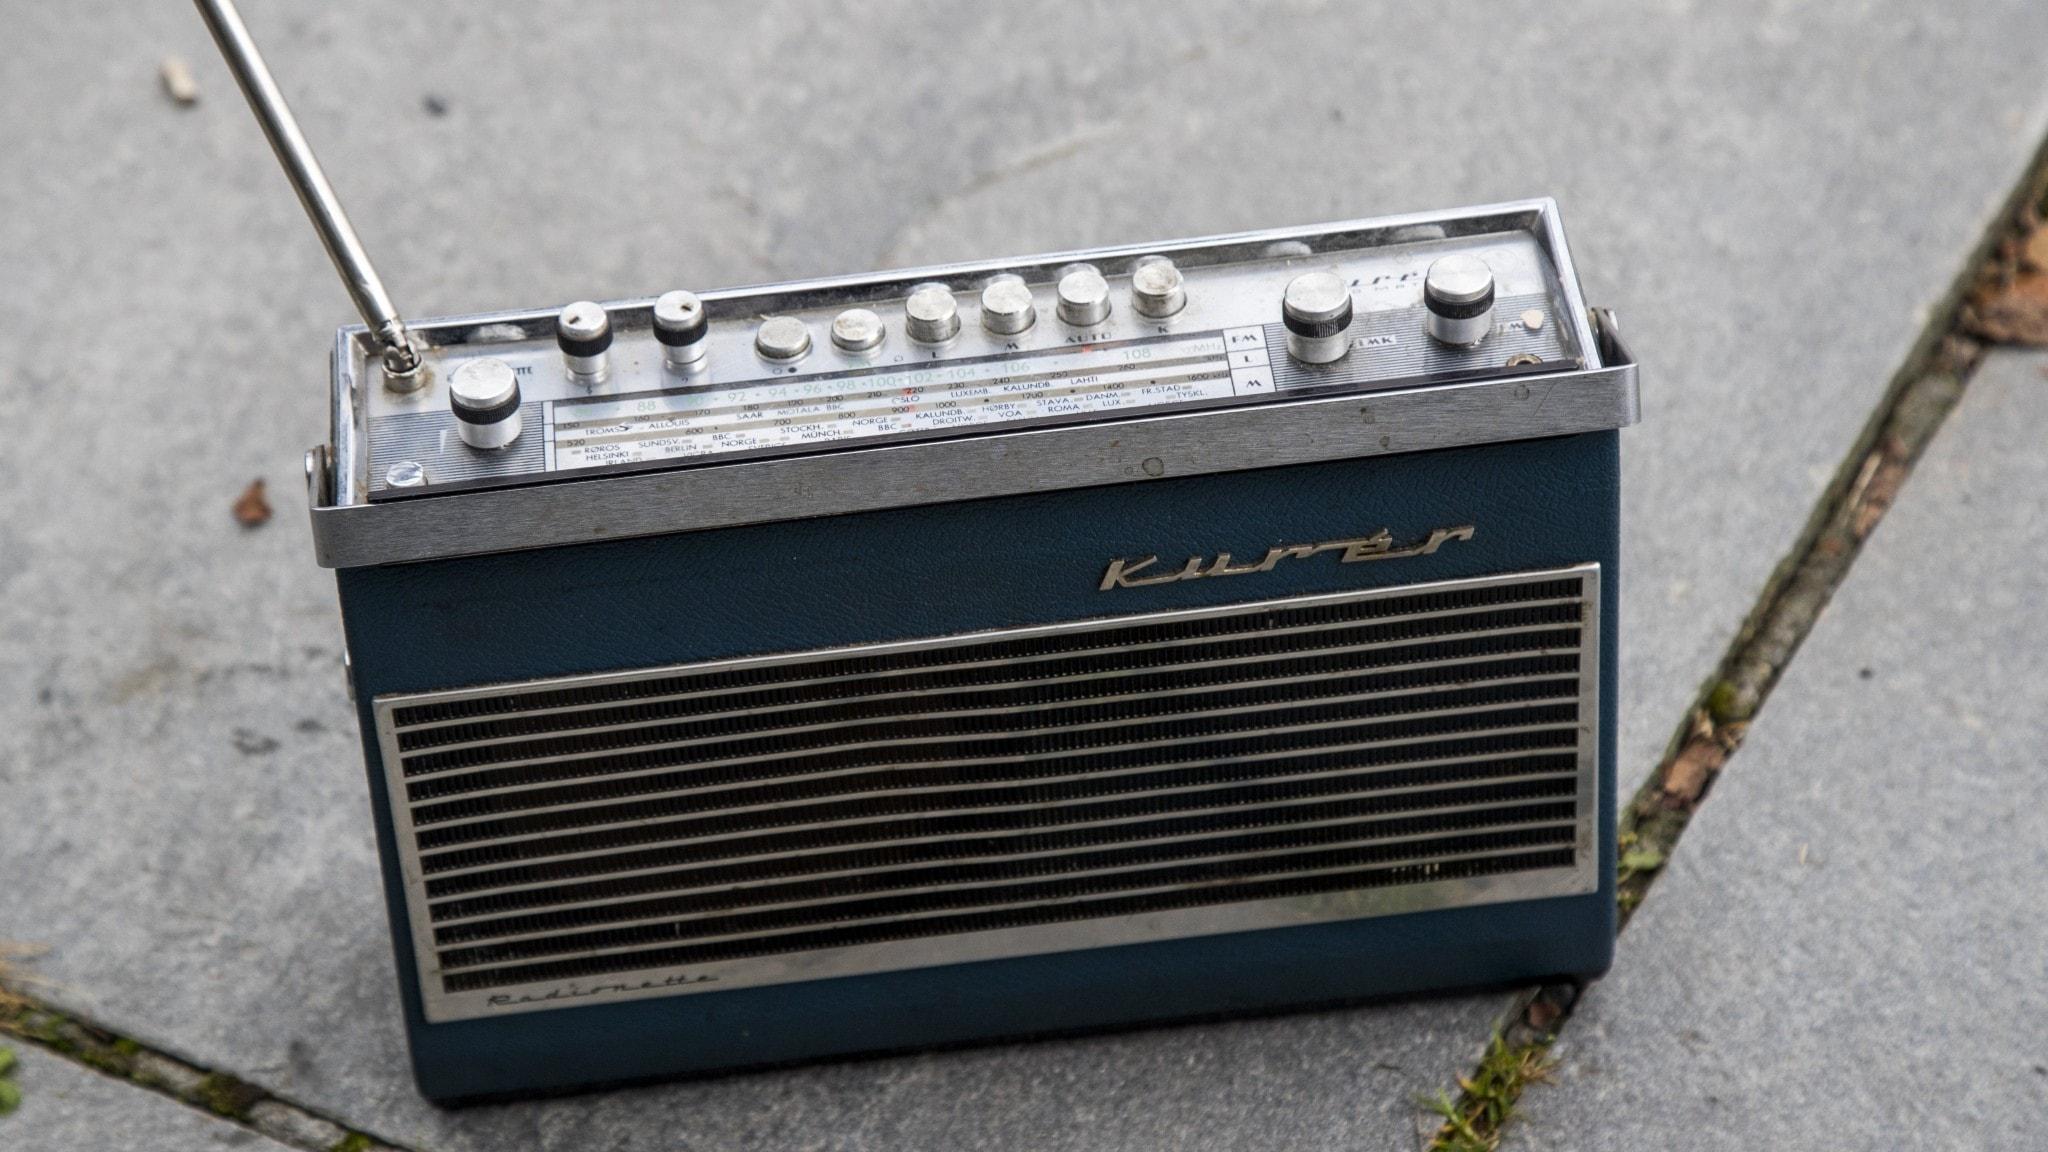 Valtakunnalliset suomenkieliset radio-ohjelmat alkoivat Ruotsin Radiossa viisikymmentä vuotta sitten